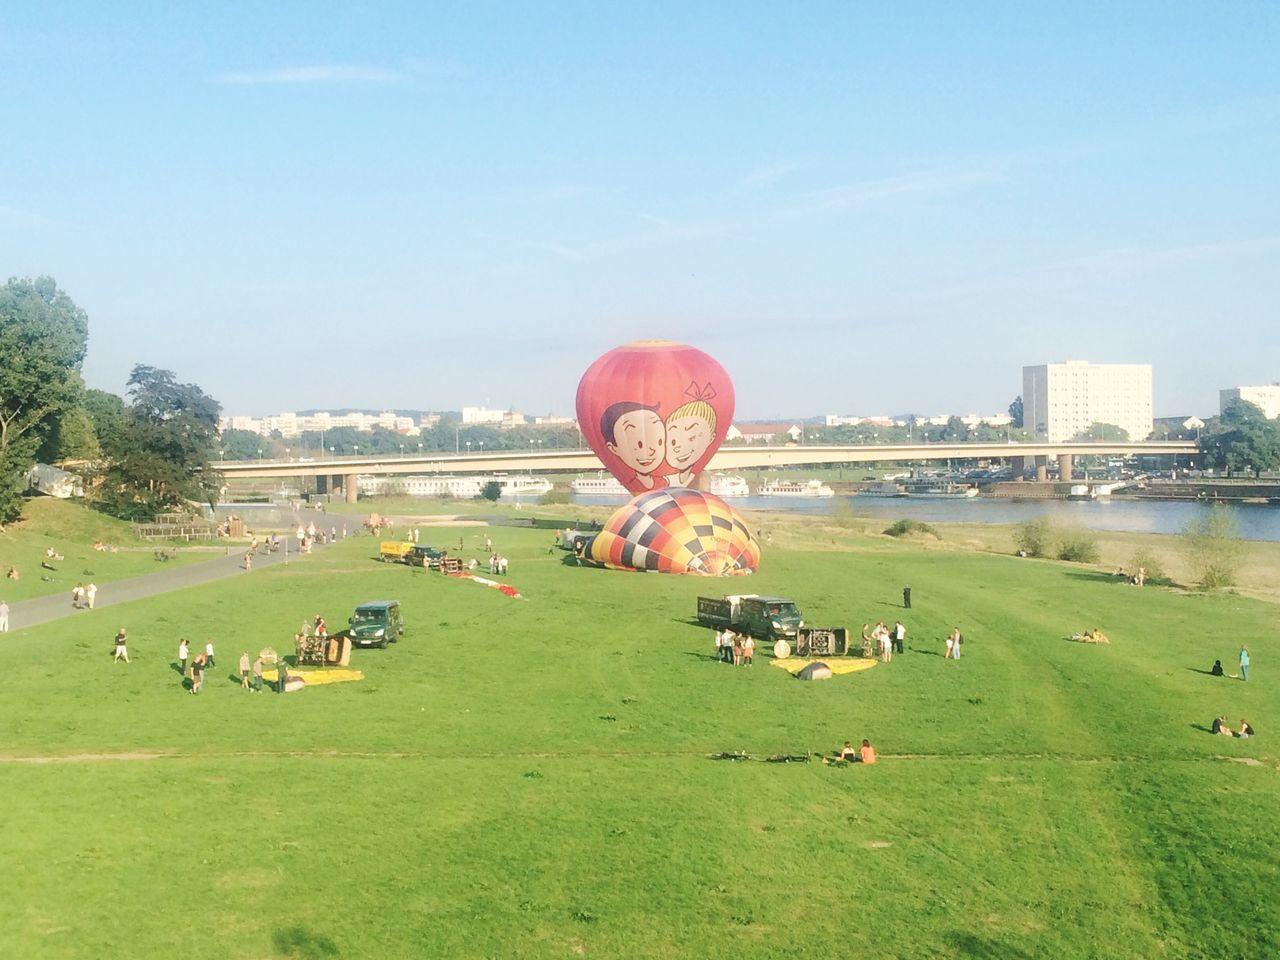 Hot-air Balloon Balloon Summer Summertime Hot Air Balloons